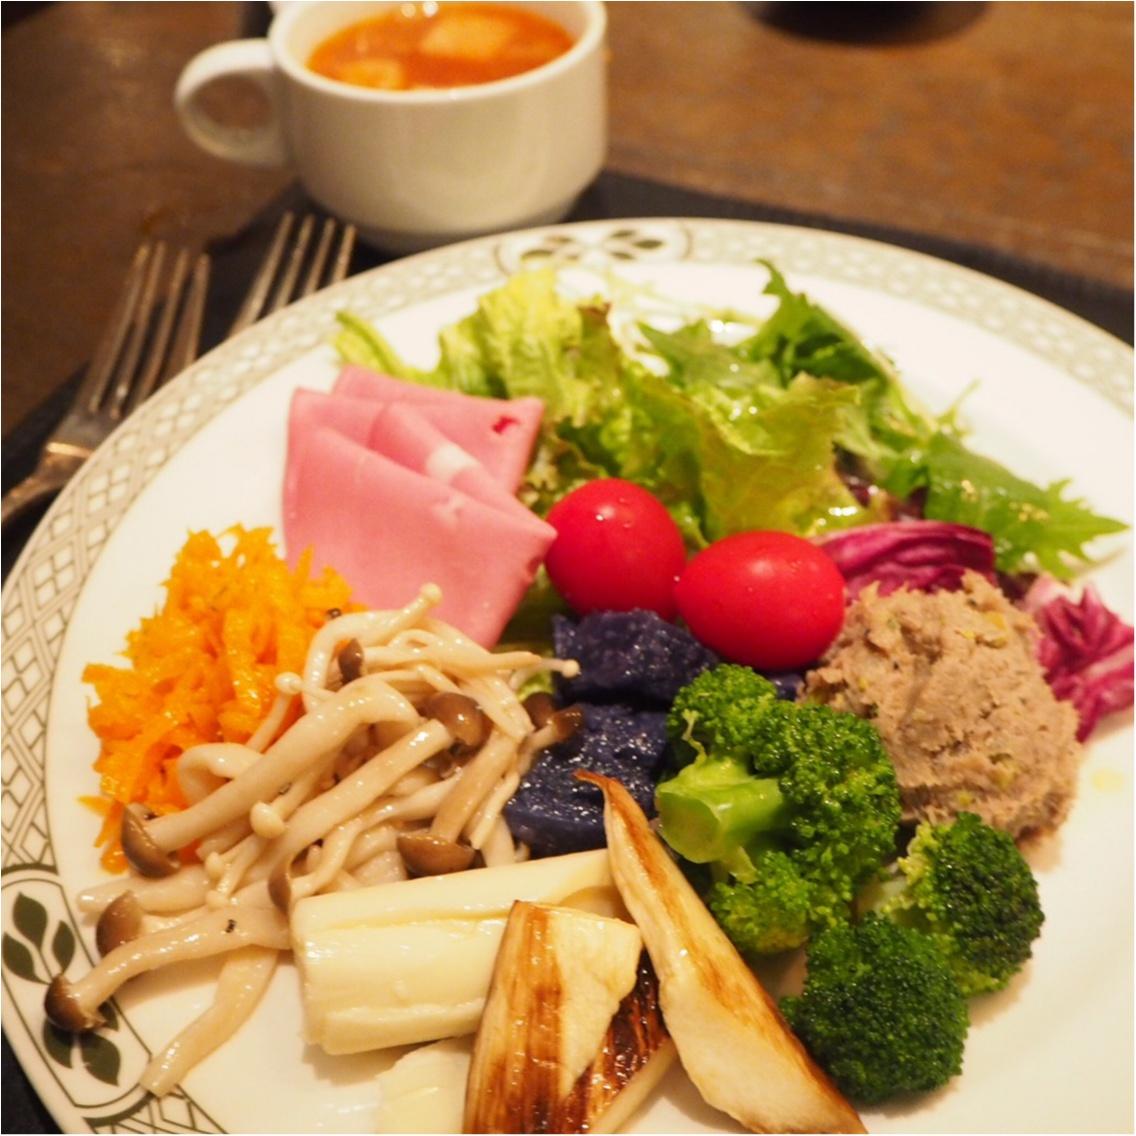 お肉大好き♡野菜大好き♡恵比寿ガーデンプレイスで素敵なランチ時間を過ごしました♪_3